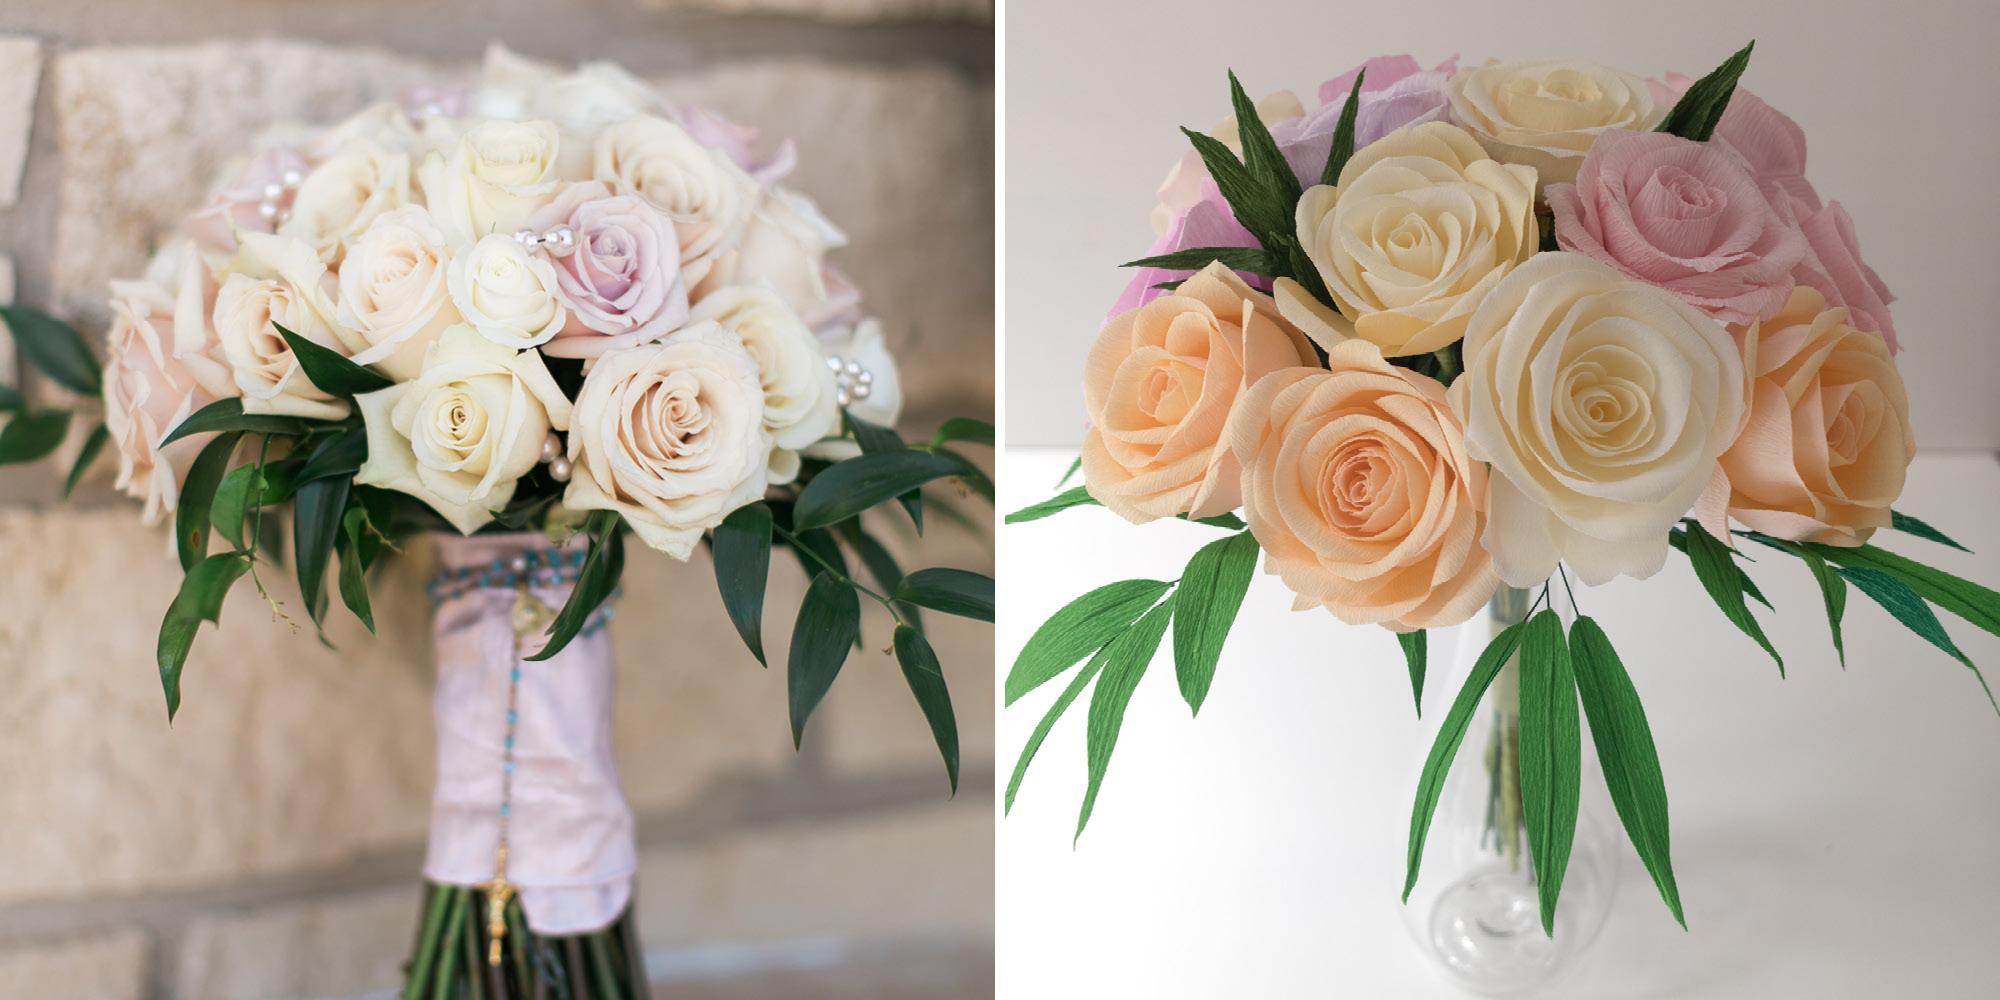 Katie & Leo's Paper Anniversary Bouquet Comparison Paper Rose Co.